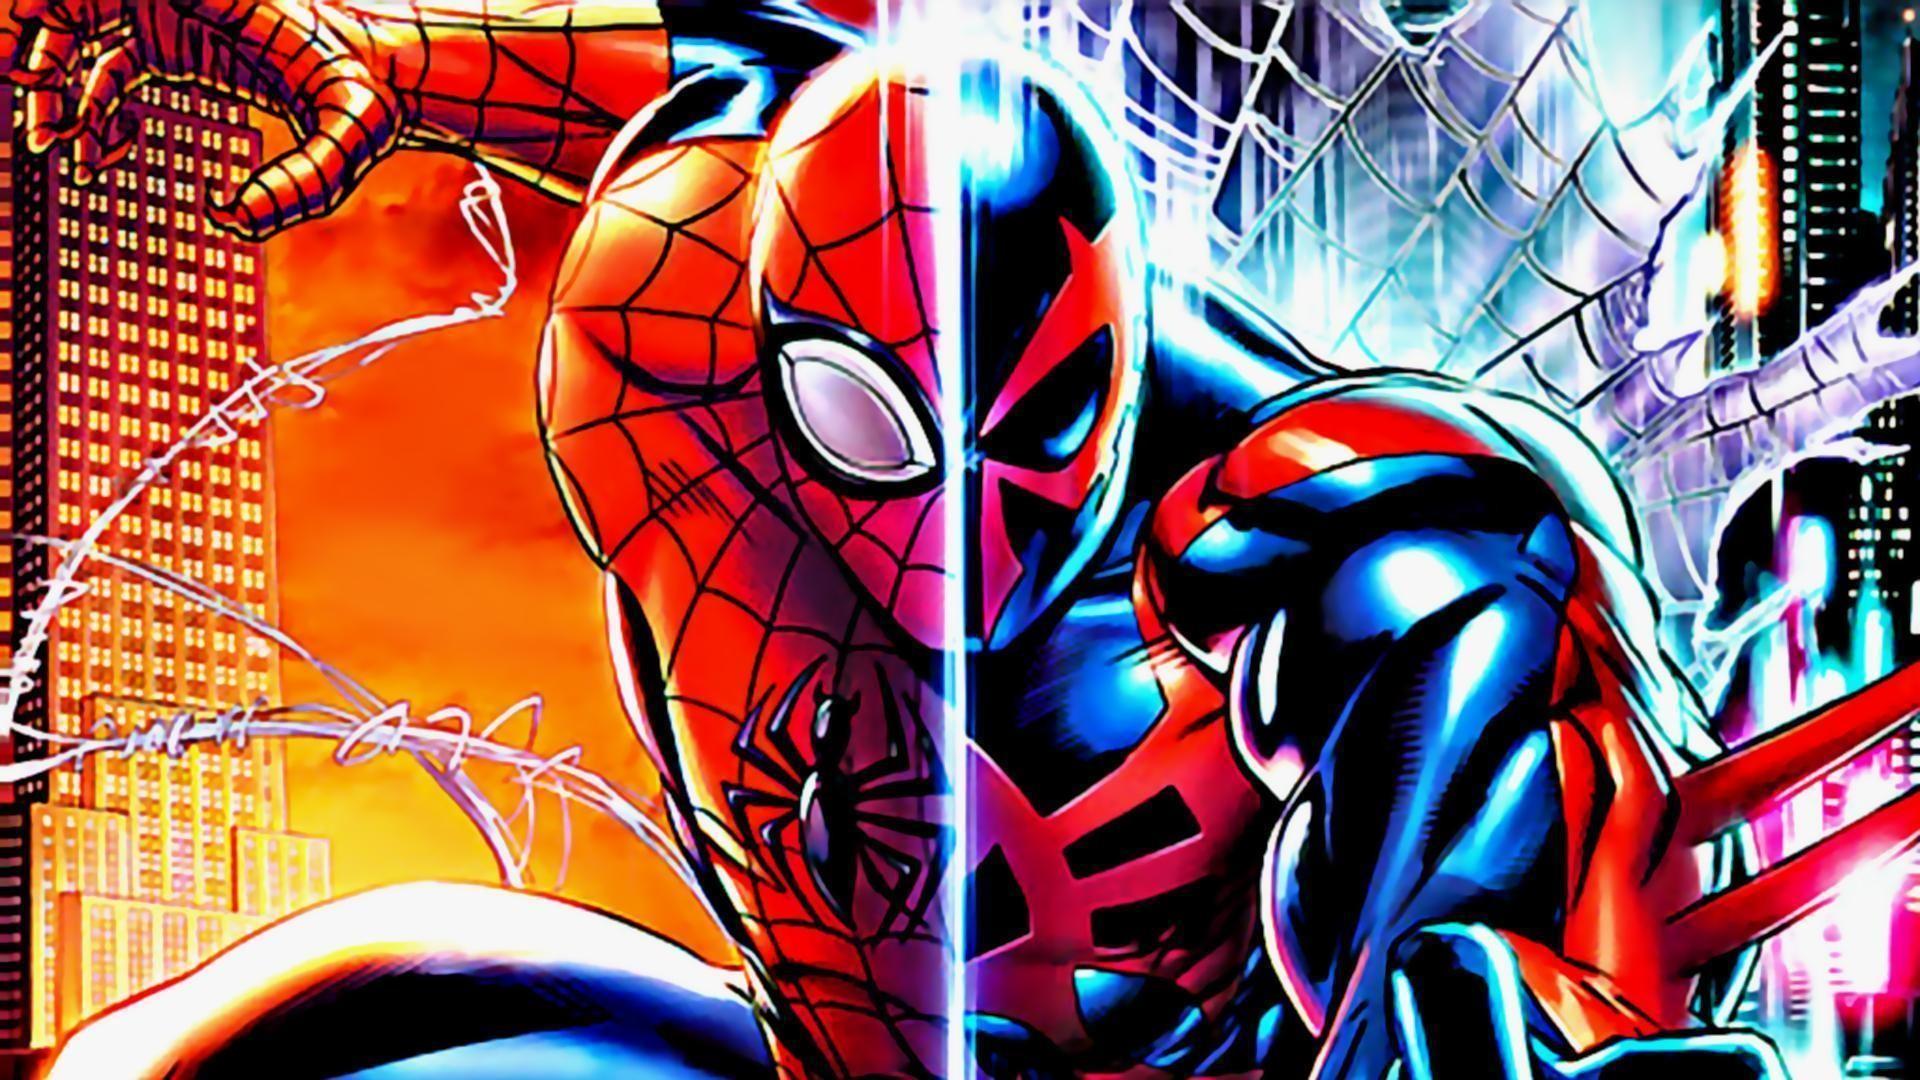 10 Most Popular Spider Man 2099 Wallpaper Hd Full Hd 1920: Spider Man 2099 Wallpaper ·①